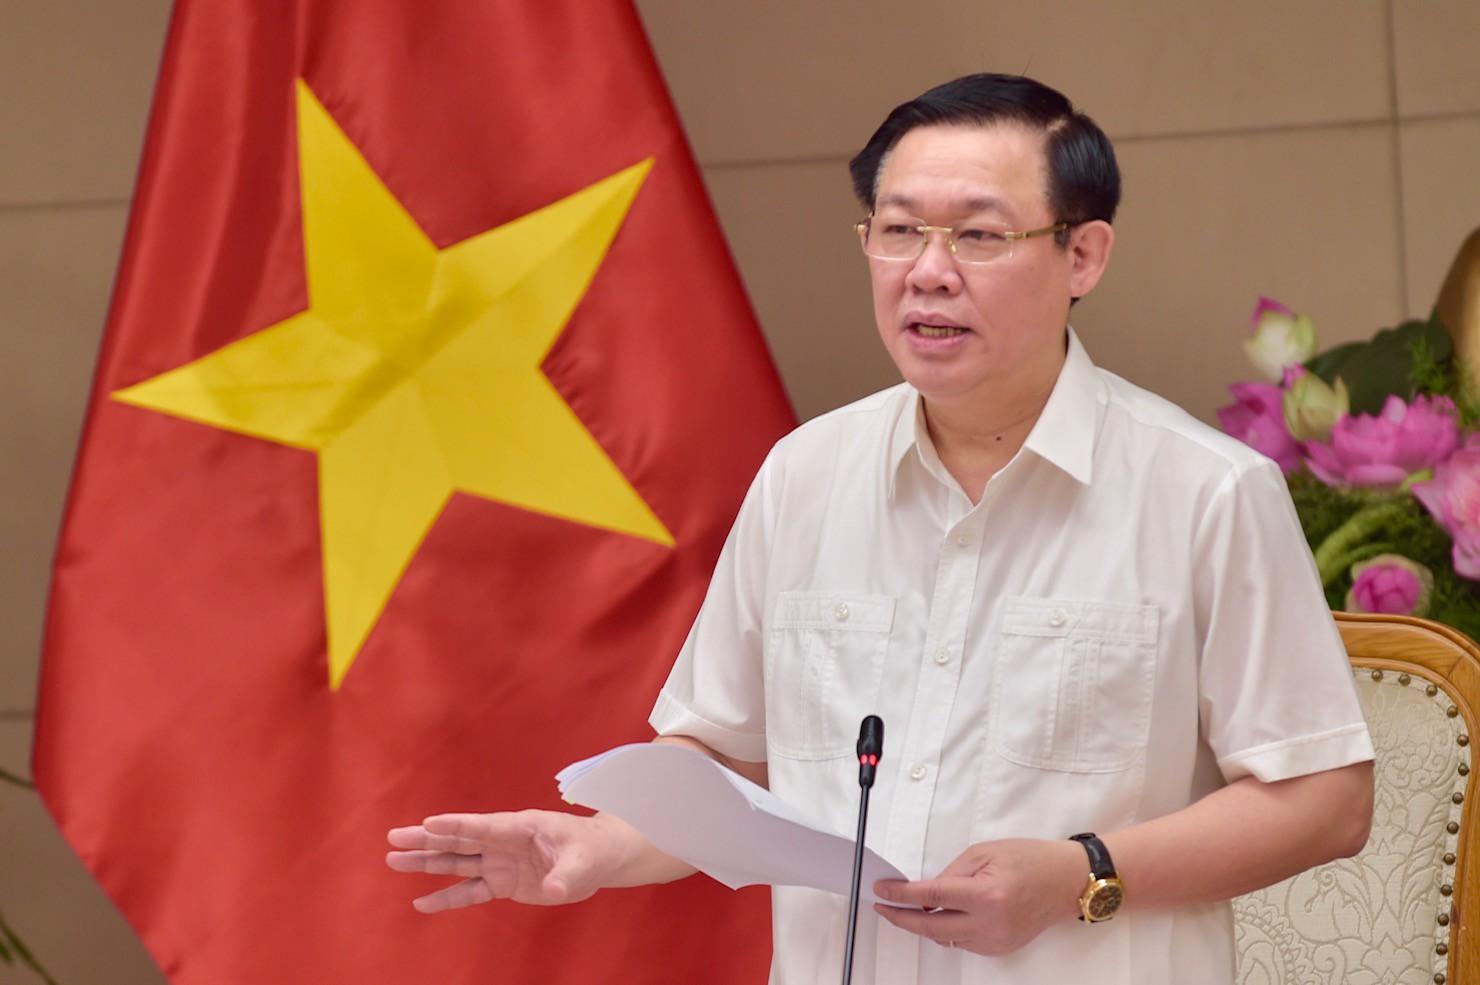 Phó Thủ tướng Vương Đình Huệ gợi ý Bộ KH&ĐT phối hợp cùng Liên minh HTX Việt Nam tiến hành xây dựng cuốn Sách trắng về Hợp tác xã - Ảnh 1.